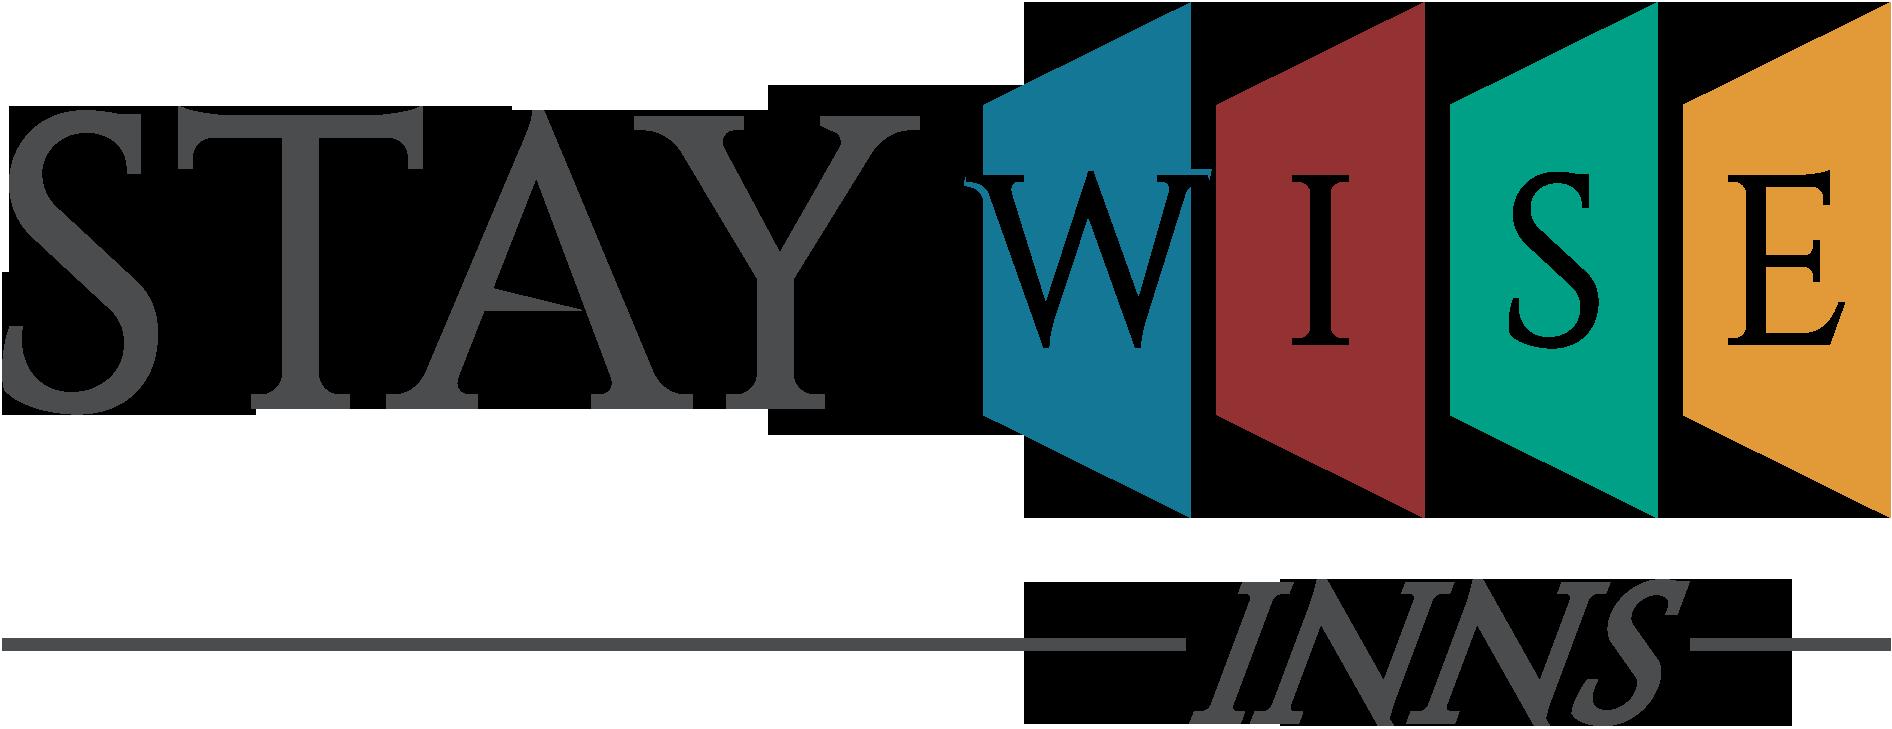 Stay Wise Inns logo